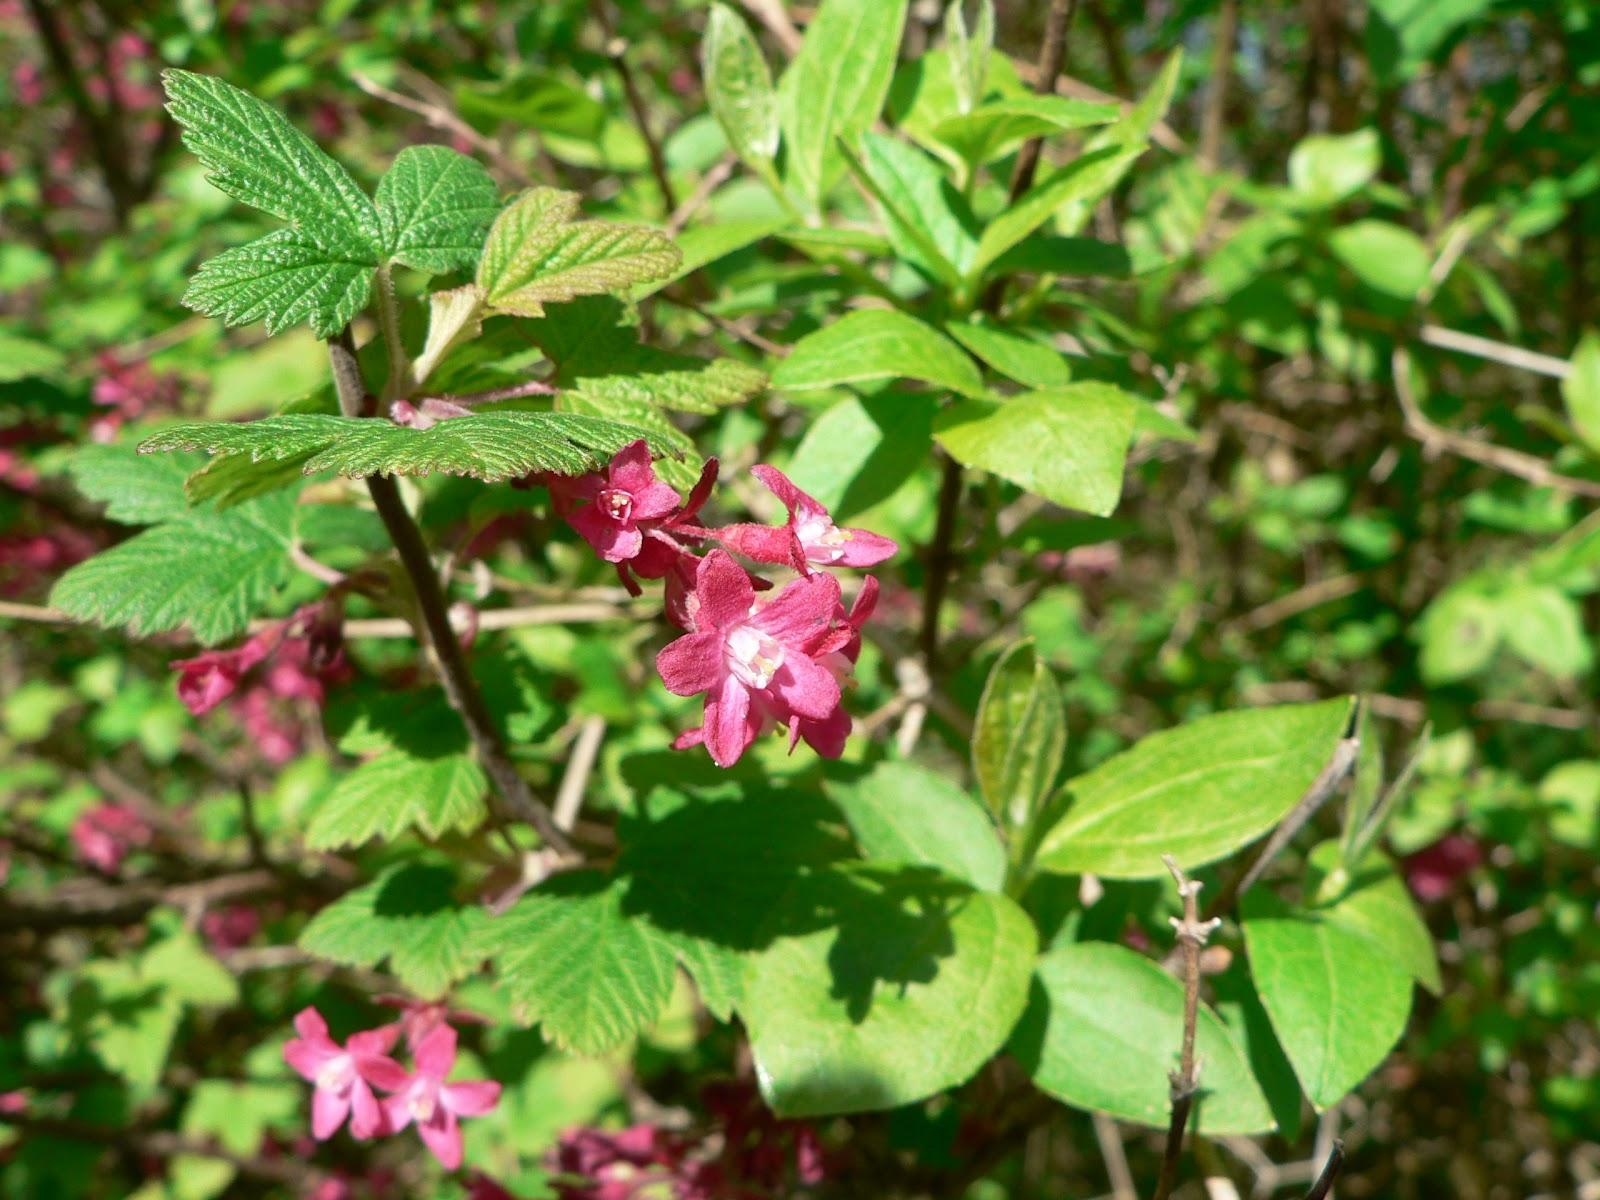 File:Ribes sanguineum 03759.